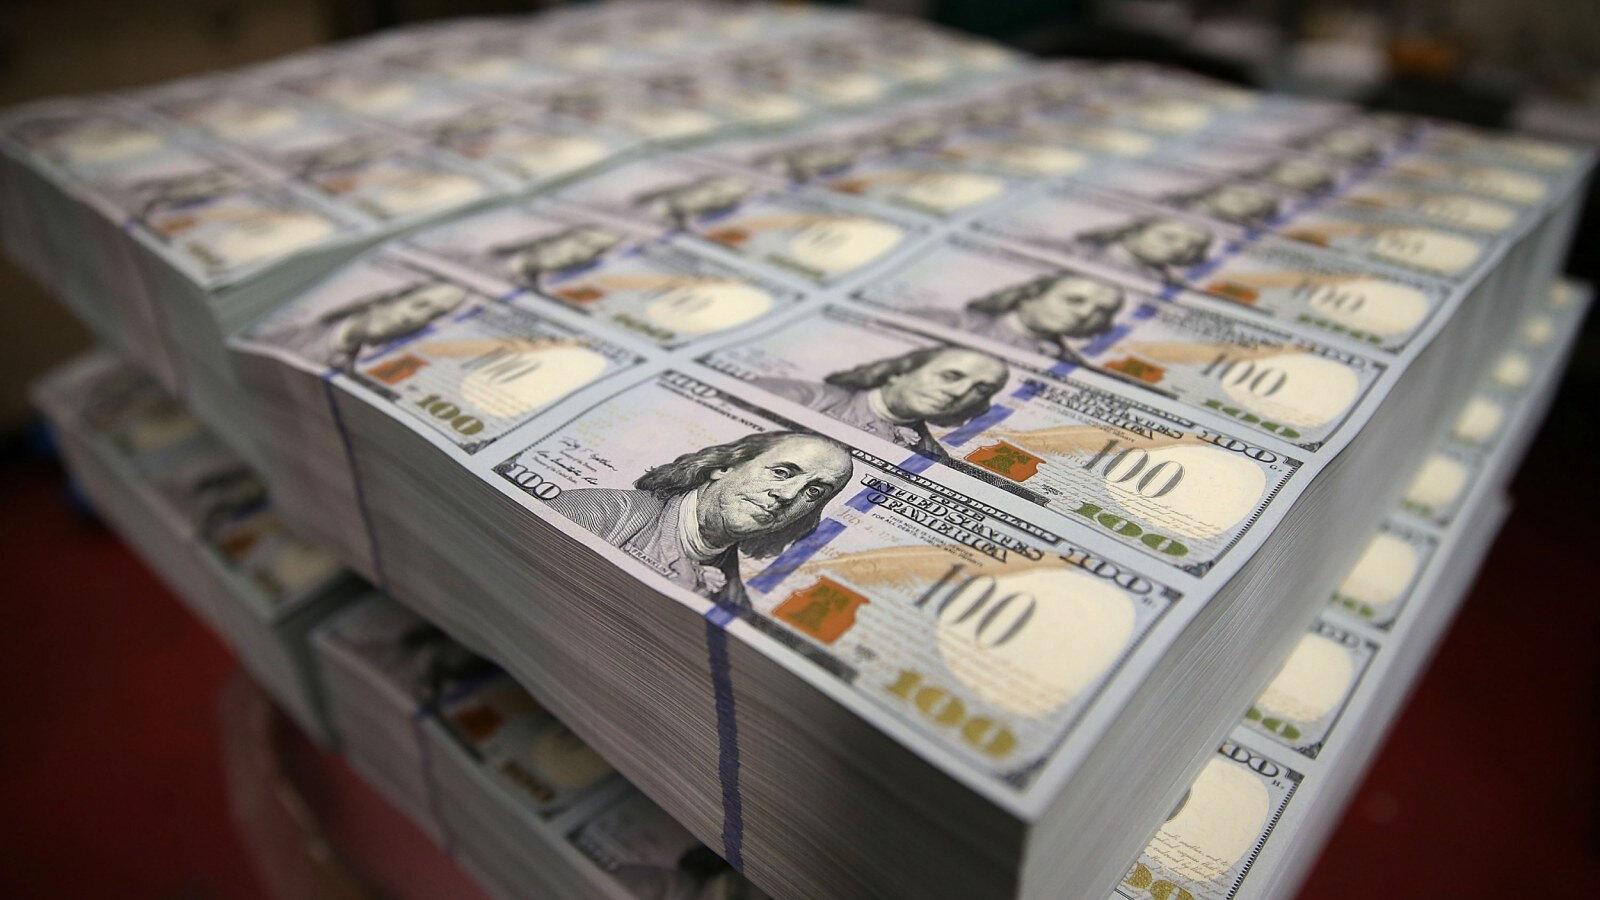 Ulusal Refah Fonu'nda doların payının ise avro, yuan ve altın cinsinden varlıklara dağıtılması planlanıyor.